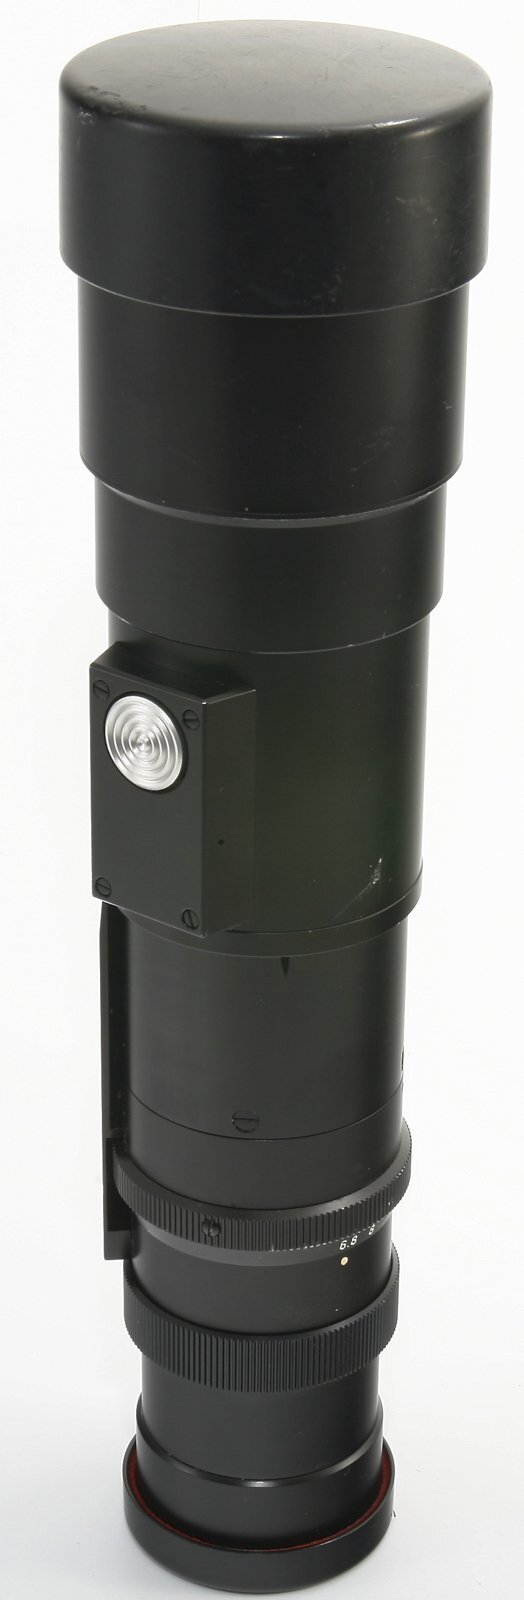 Leica 6,8/400mm Telyt